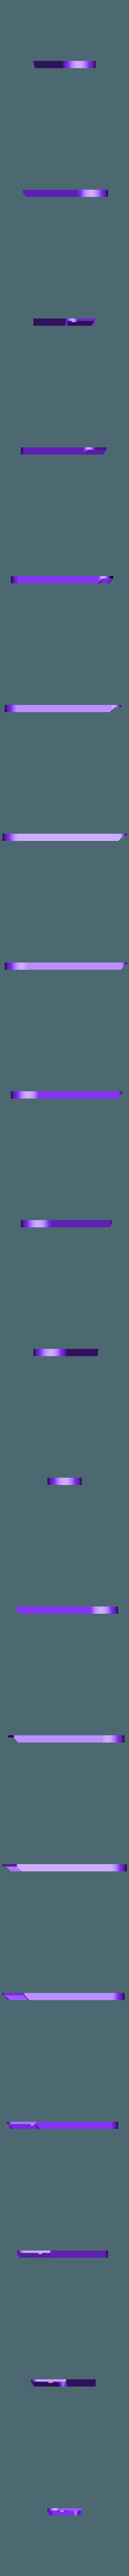 BladeBodyFinal.stl Télécharger fichier STL gratuit Mini lame de coupe. • Objet à imprimer en 3D, lmhadzich